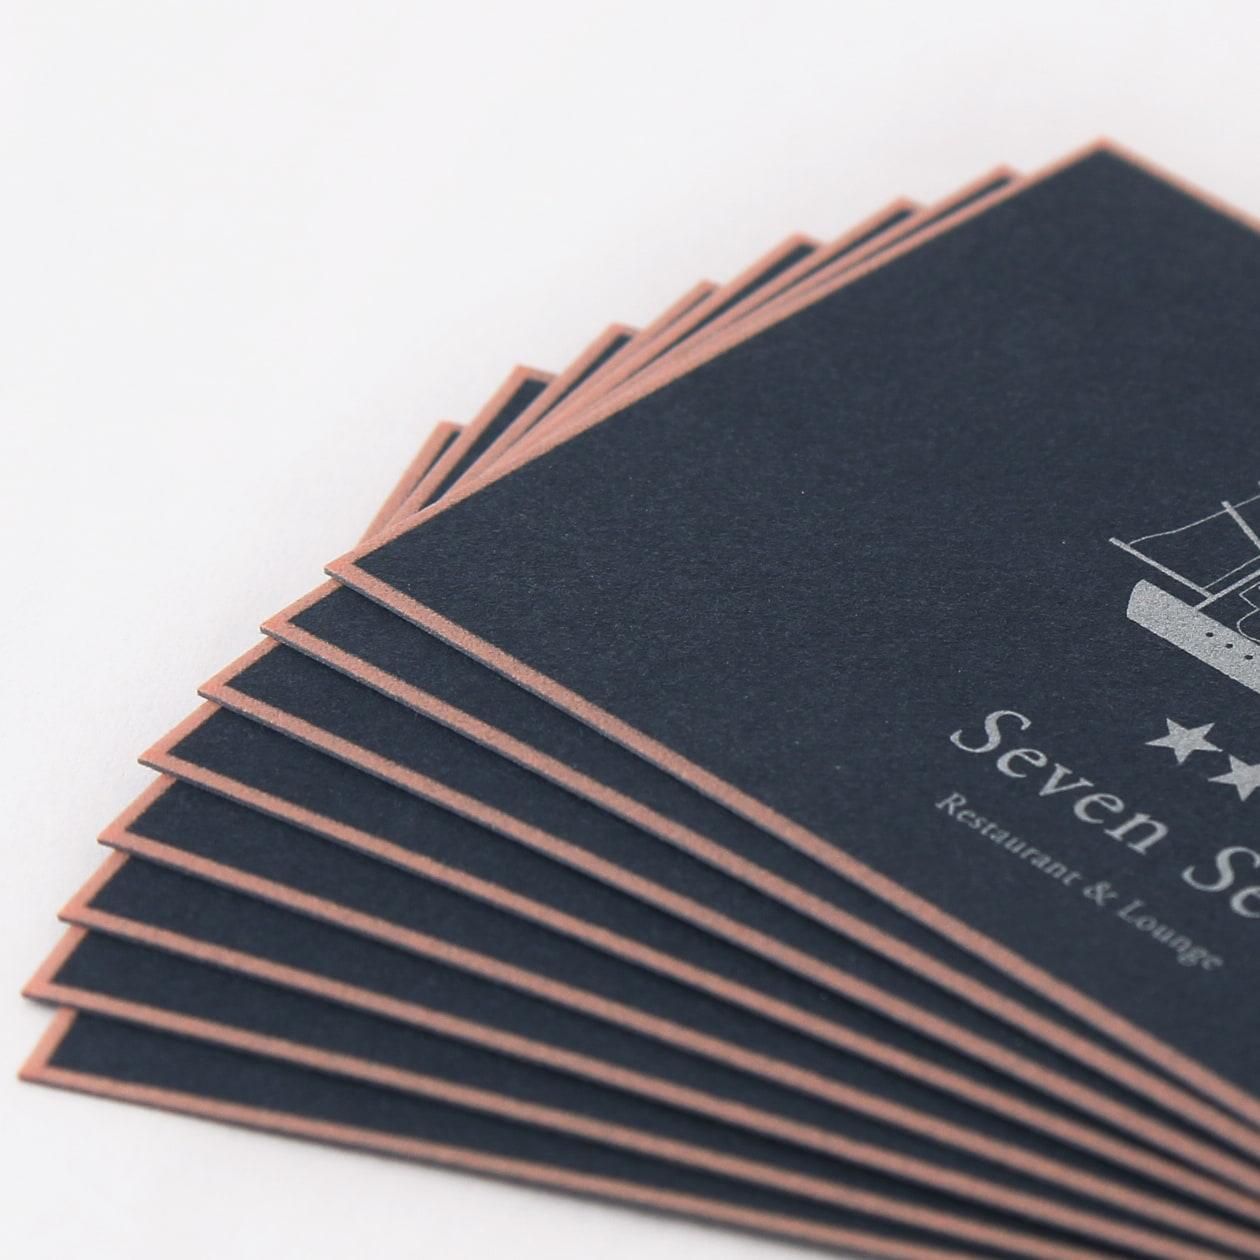 繊細なフレームが上質な印象 ボーダードの名刺・ショップカード